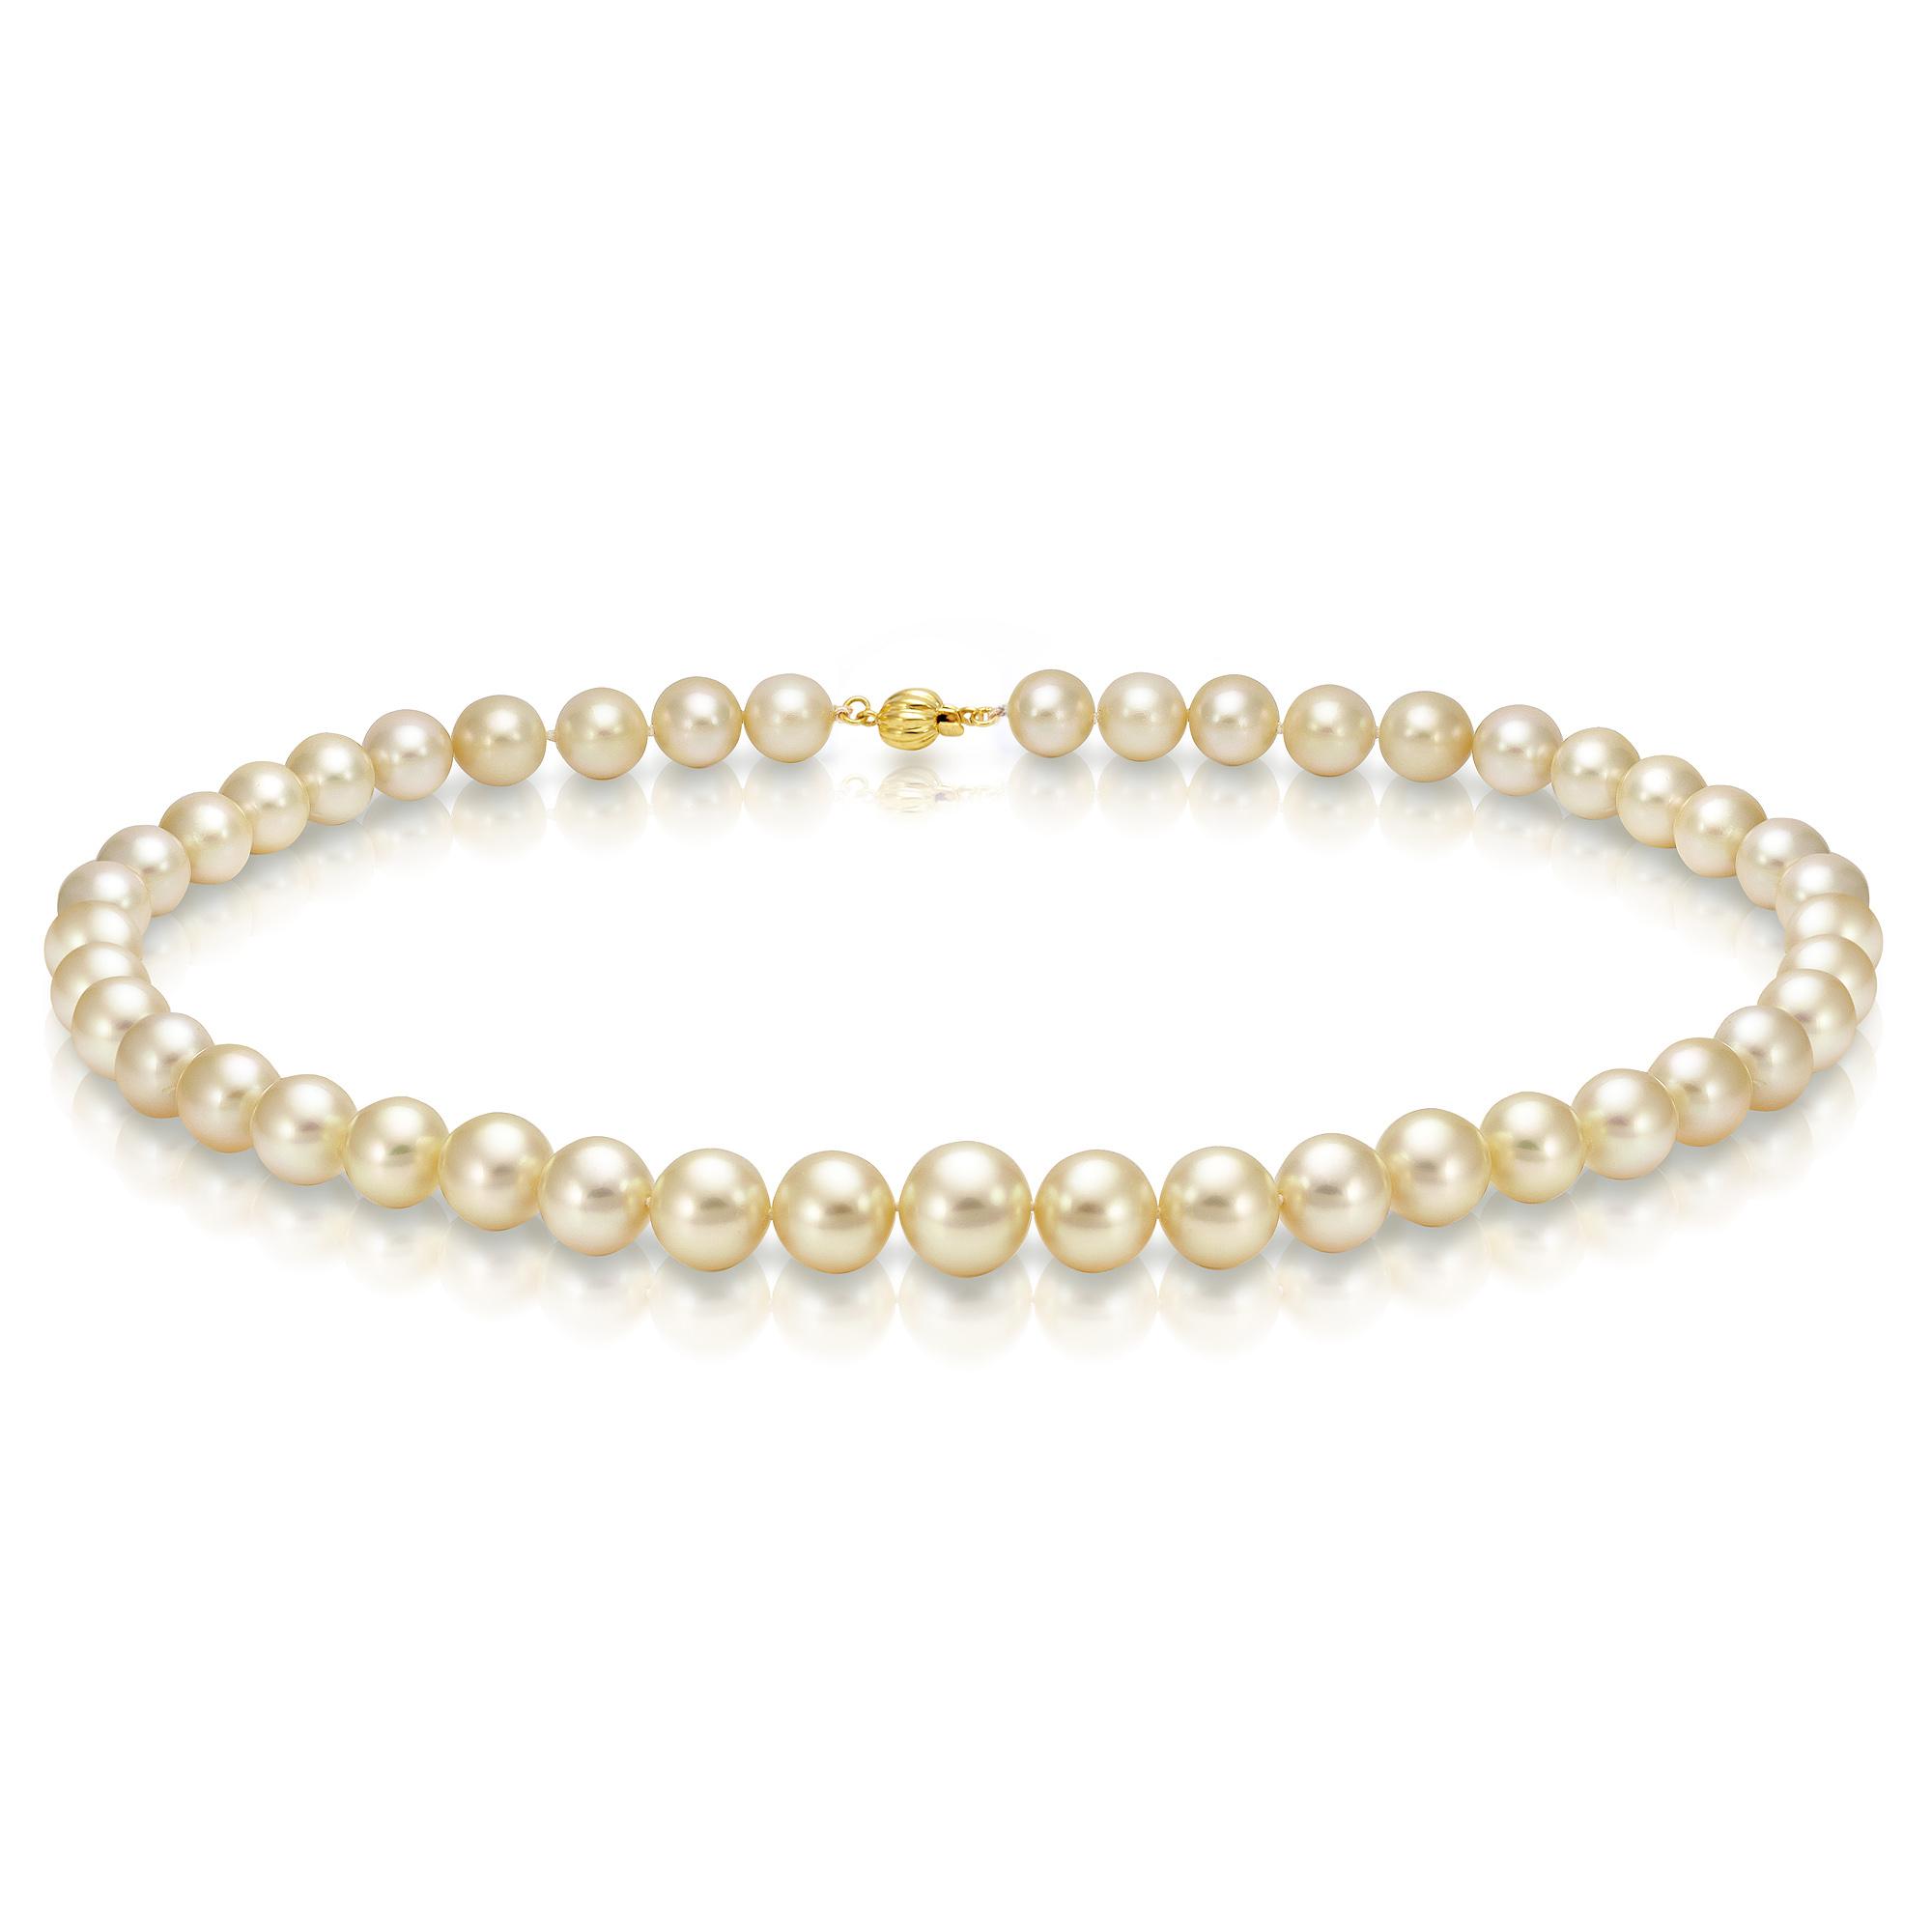 Ожерелье из золотого морского Австралийского жемчуга 8-10,8 мм